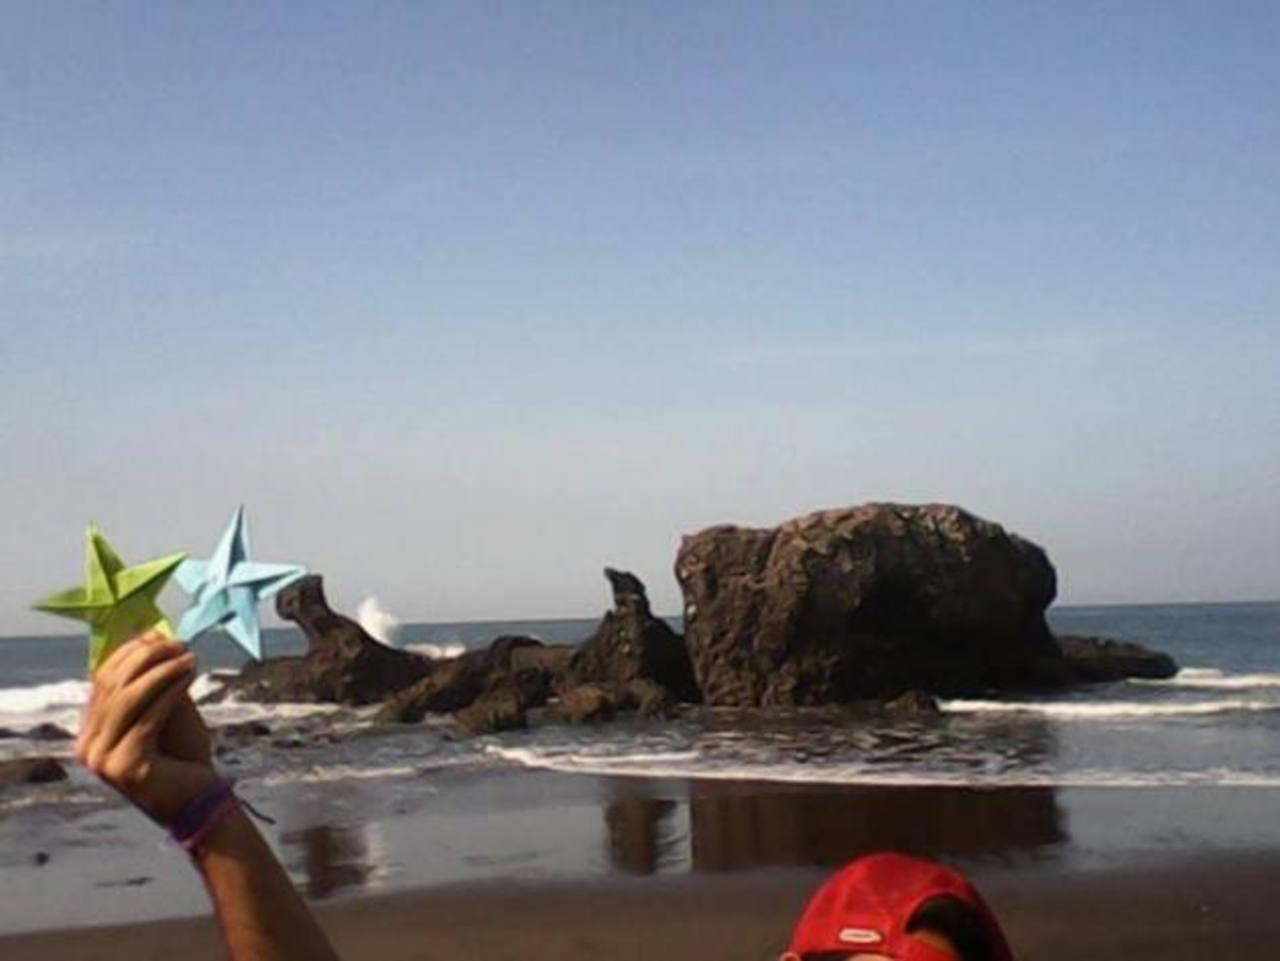 Coldplay publica foto de playa El Tunco en sus redes sociales